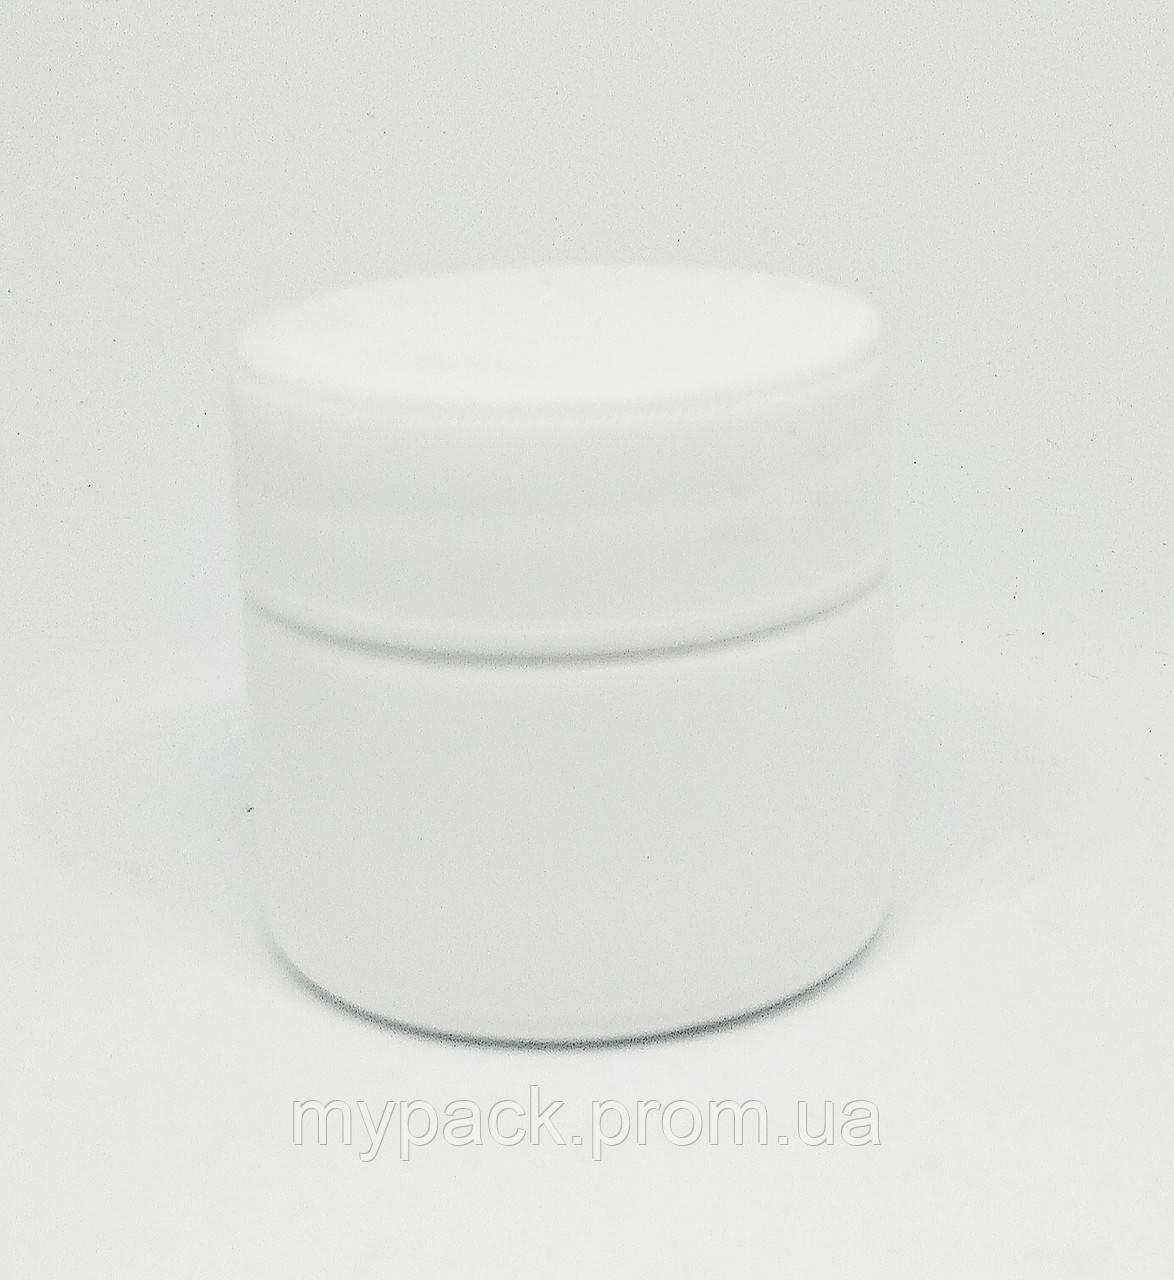 Баночка для крема косметическая 20 мл - 250 шт